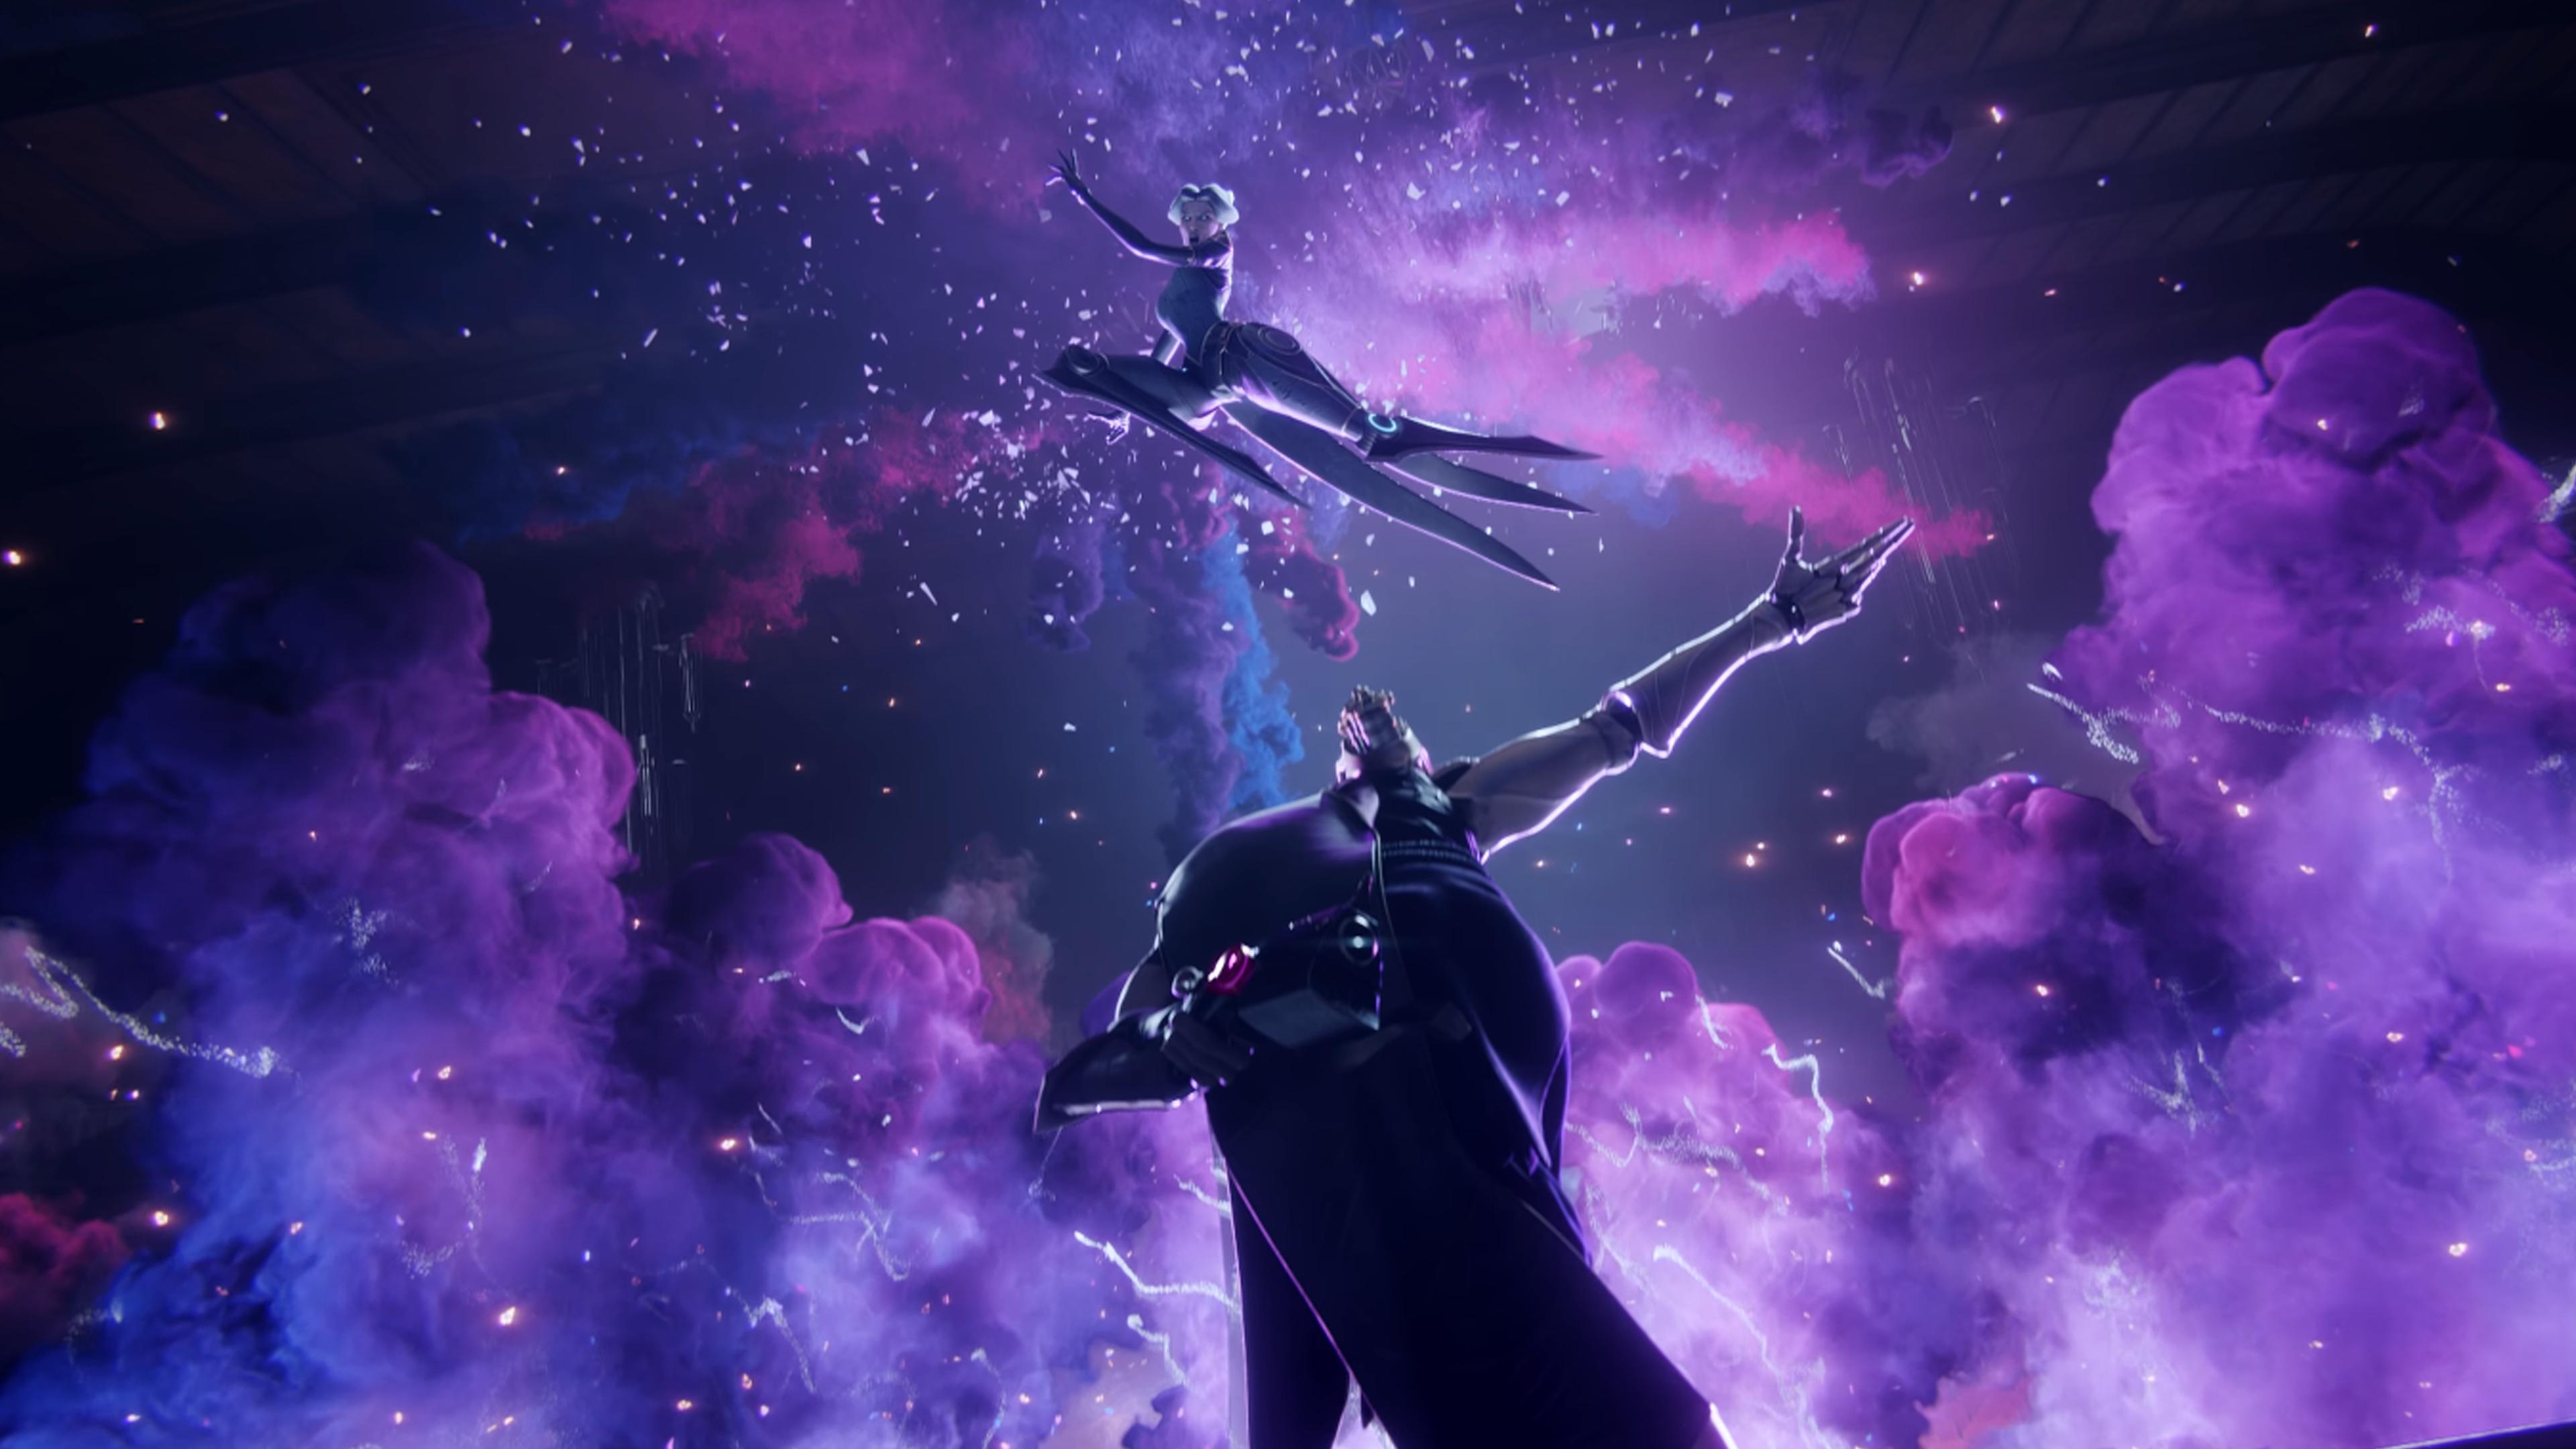 Riot выпустила очередную эпичную песню, приуроченную к турниру по League of Legends | Канобу